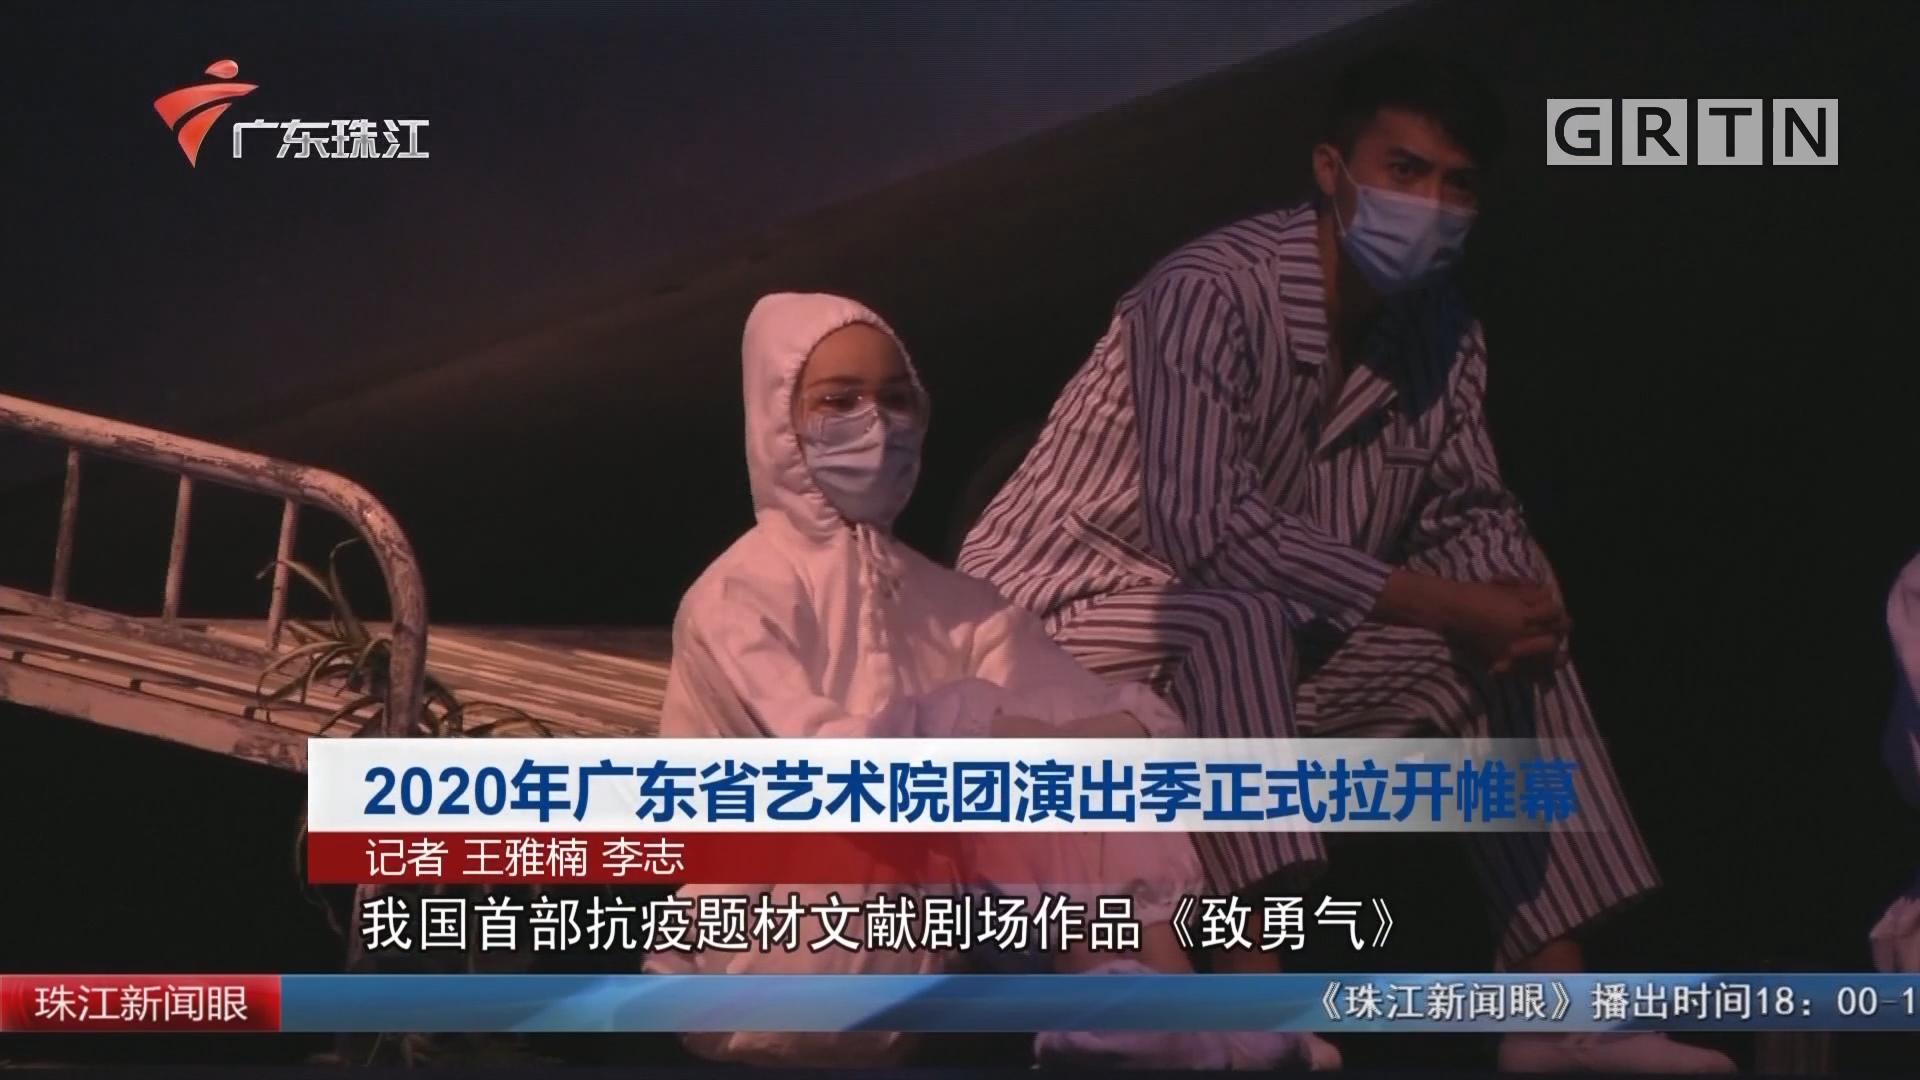 2020年廣東省藝術院團演出季正式拉開帷幕